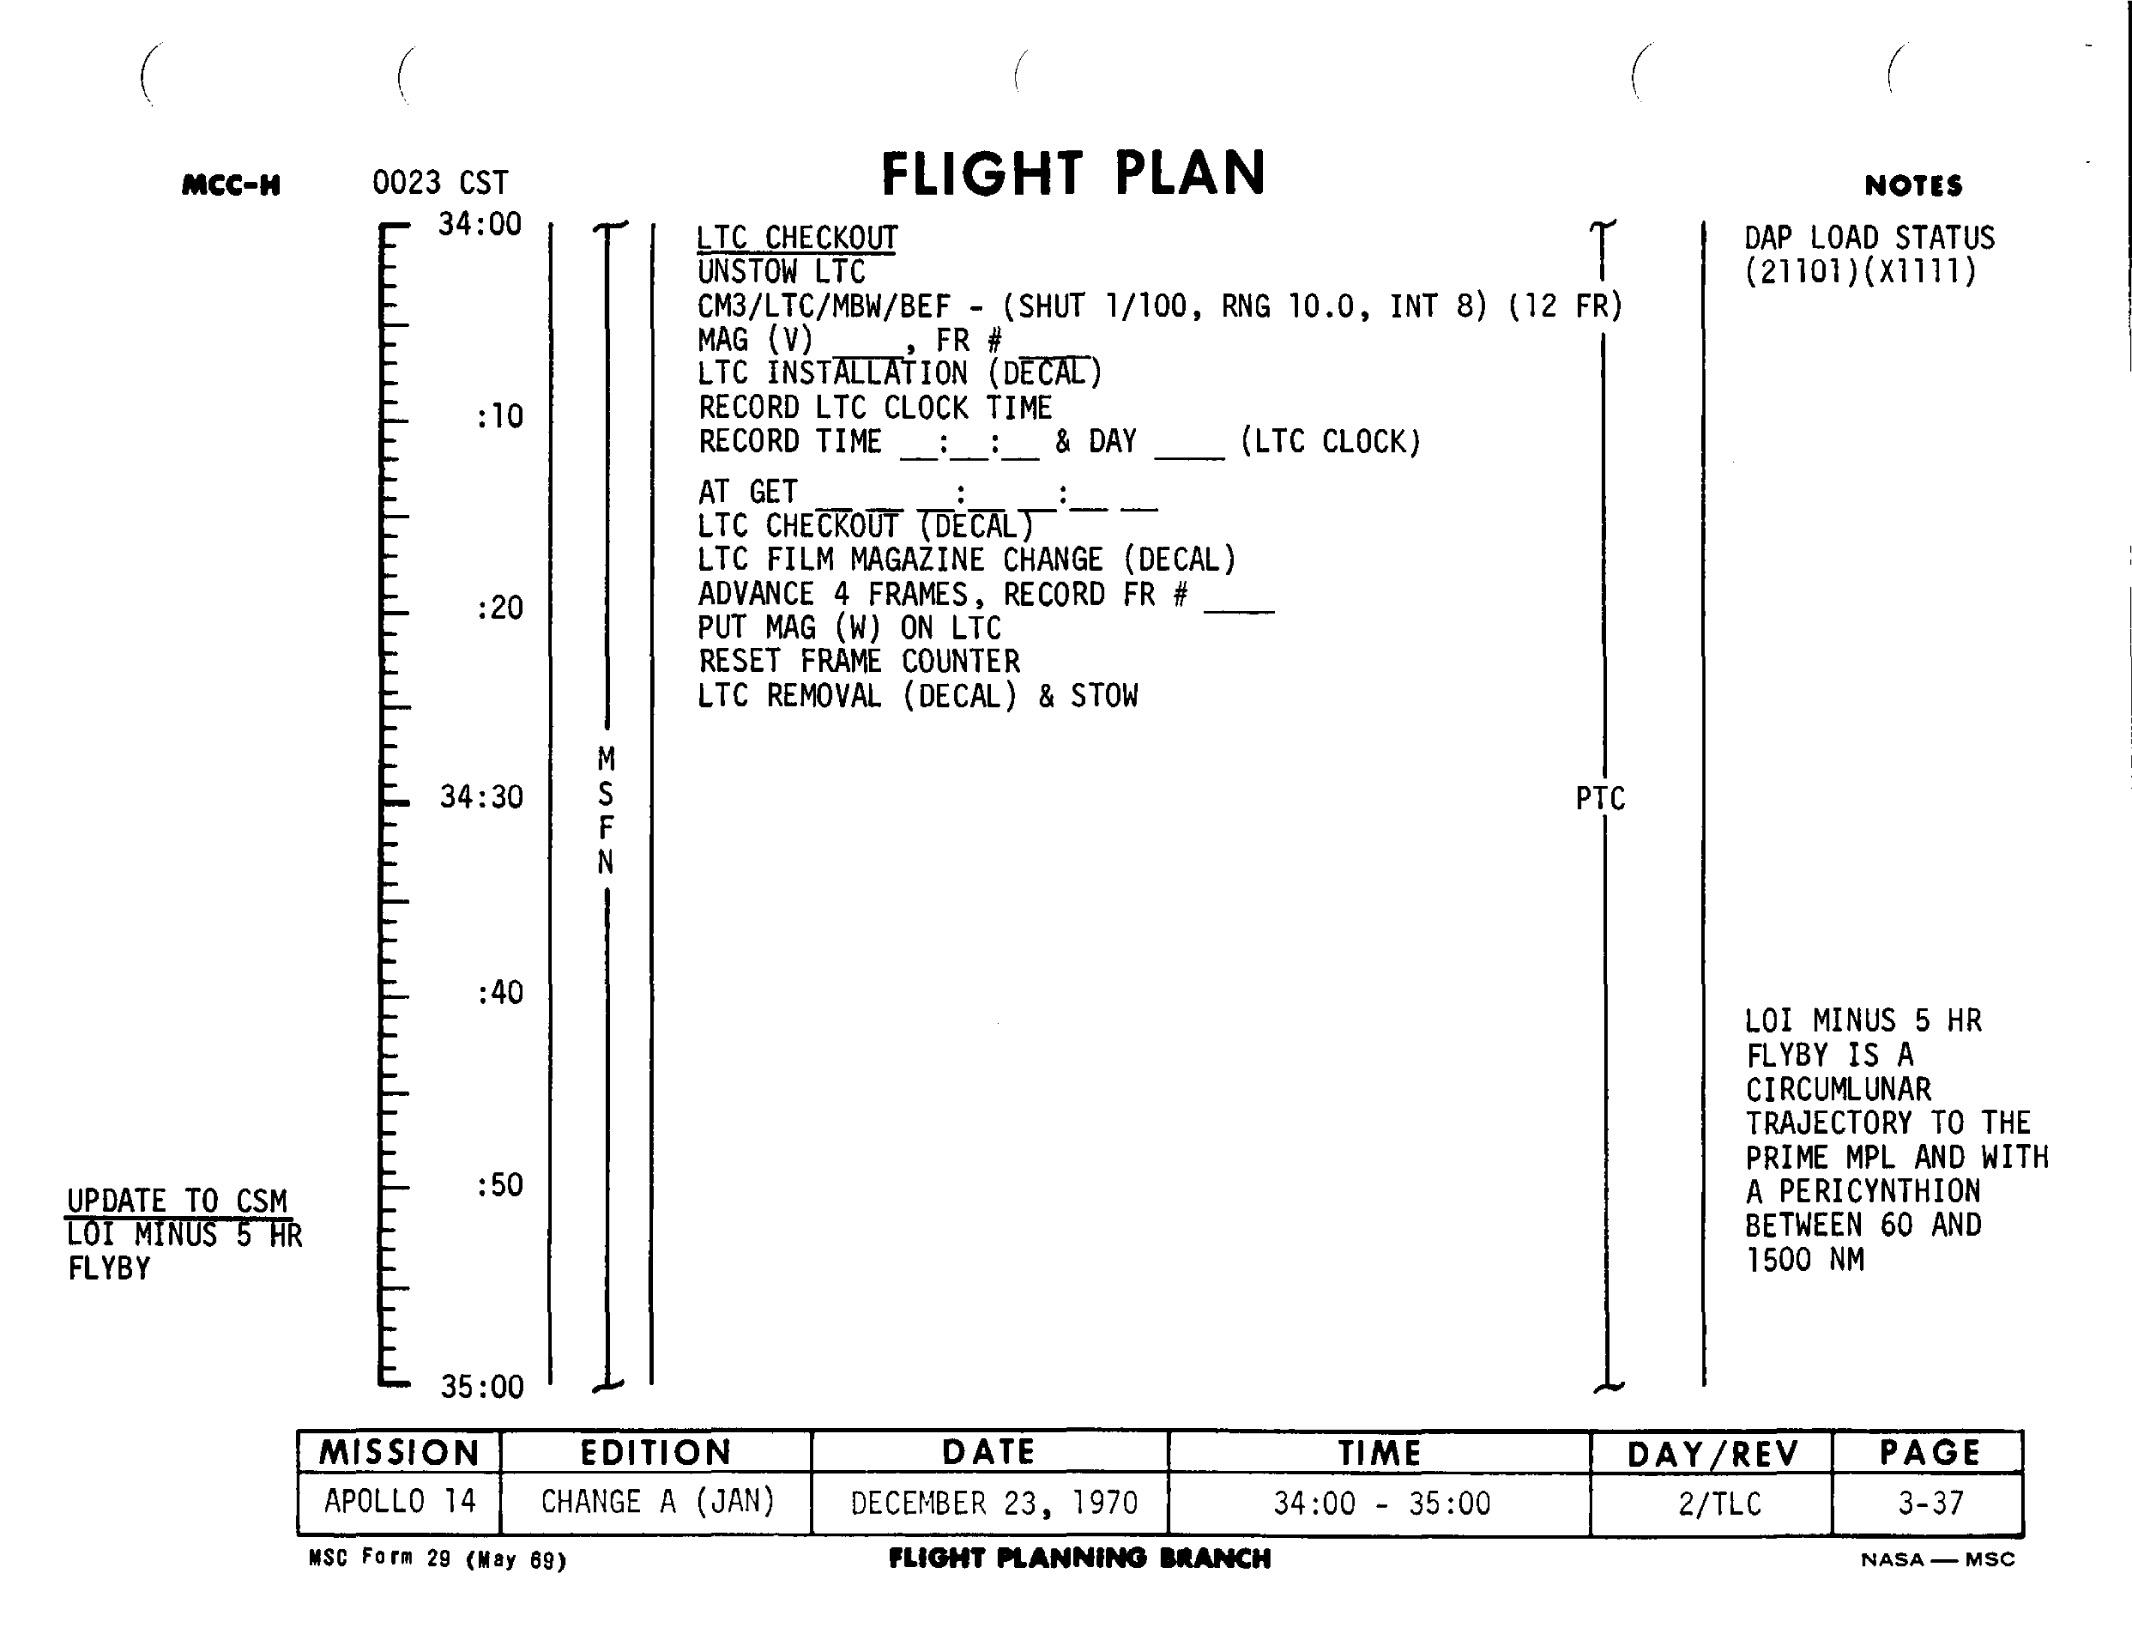 09 1970 Onwards Wiring Diagram Get Free Image About Wiring Diagram